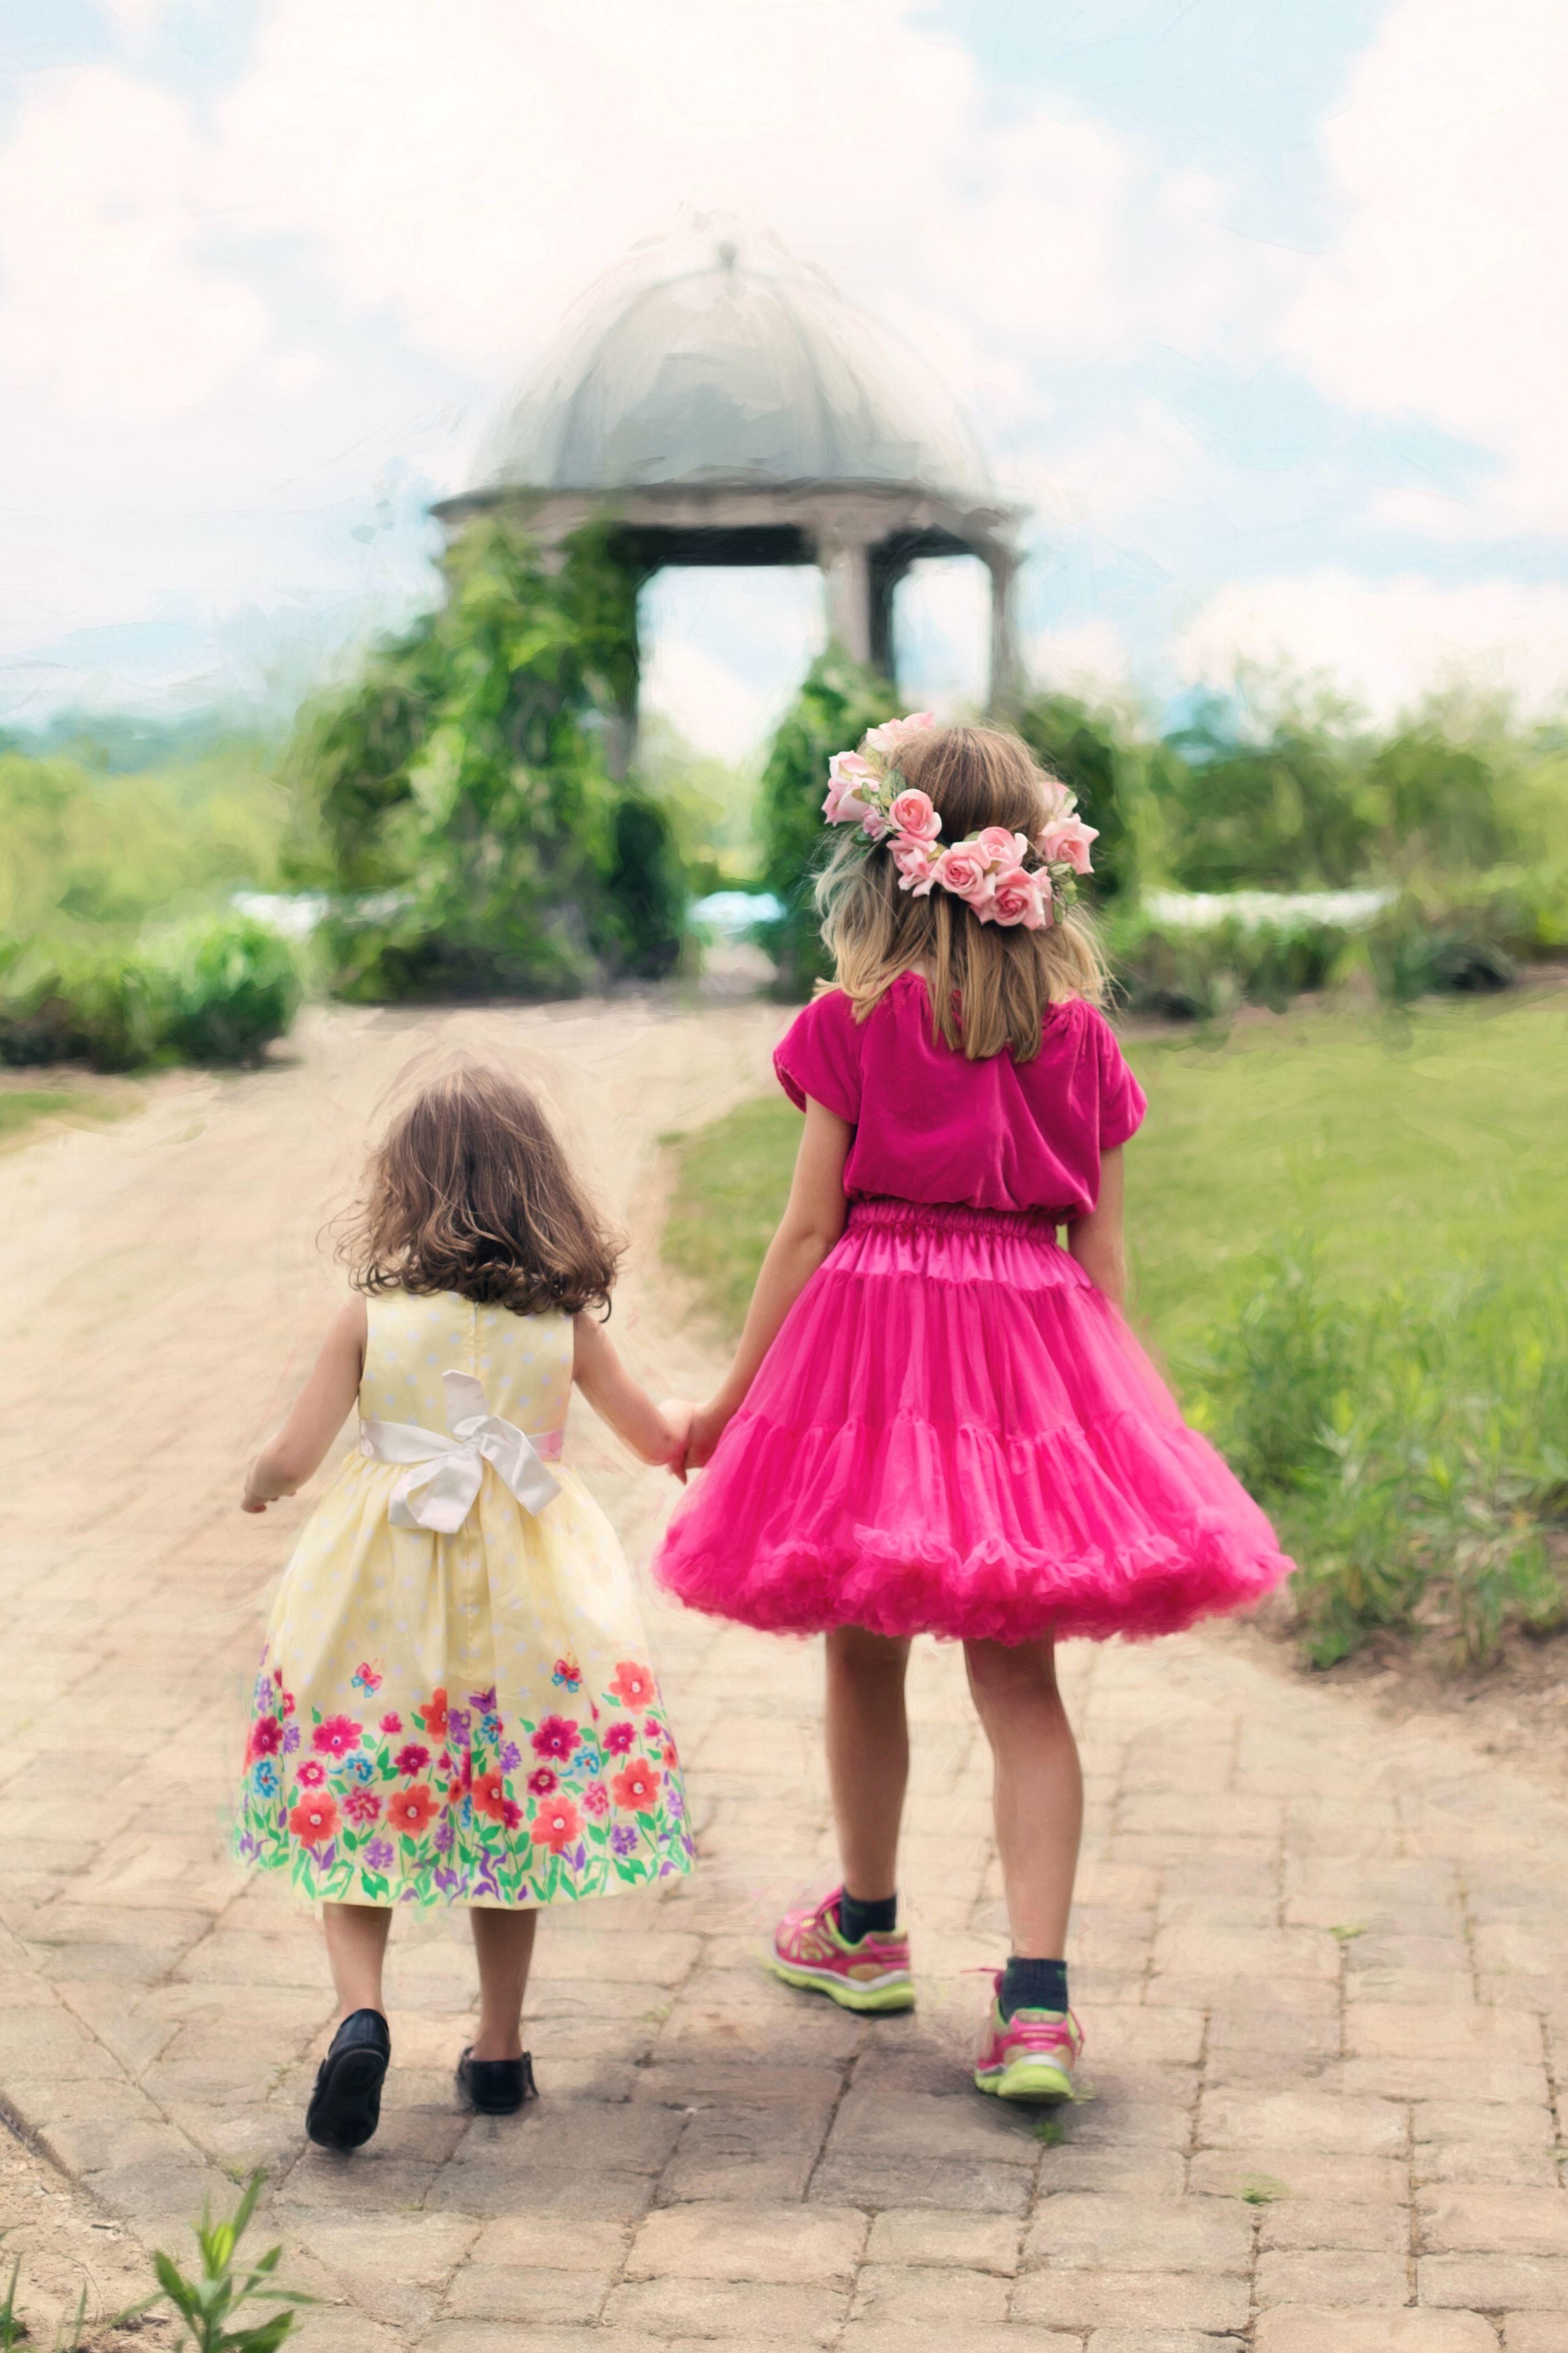 Children, Color, Dresses, Flower, Garden, Girls, Spring, Summer